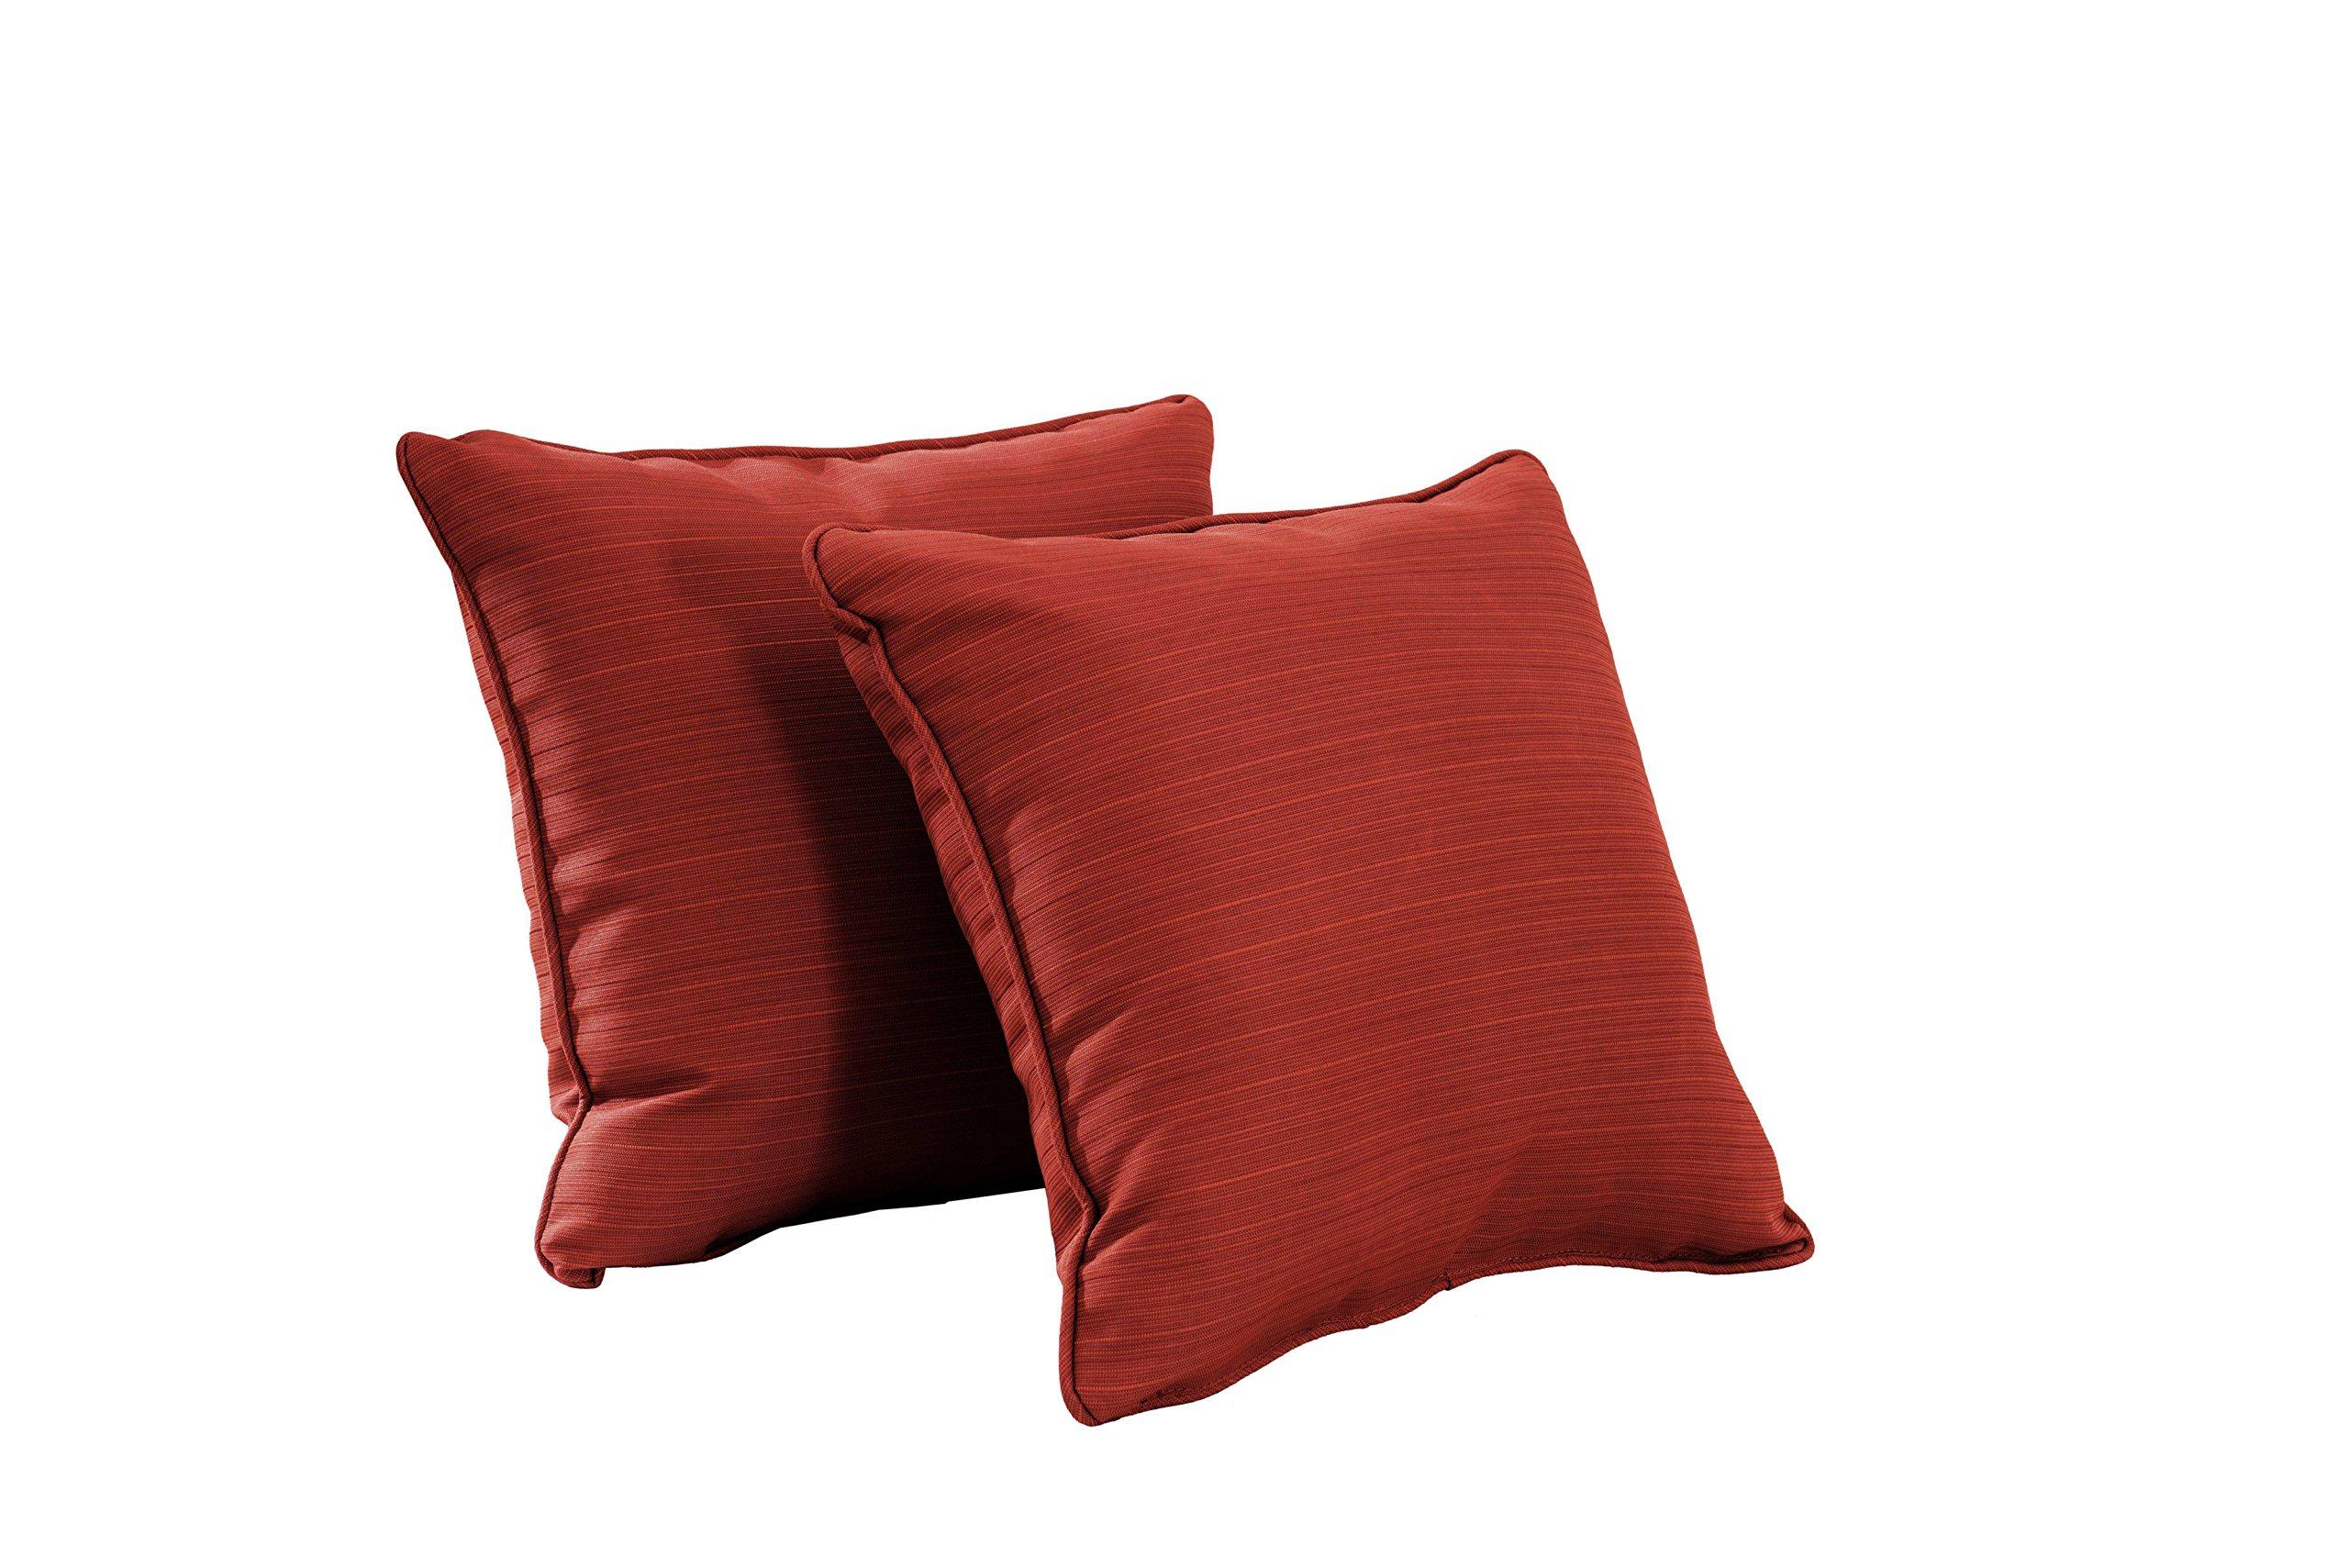 Sunjoy S-PL065PFB-O Outdoor Pillow, Paprika